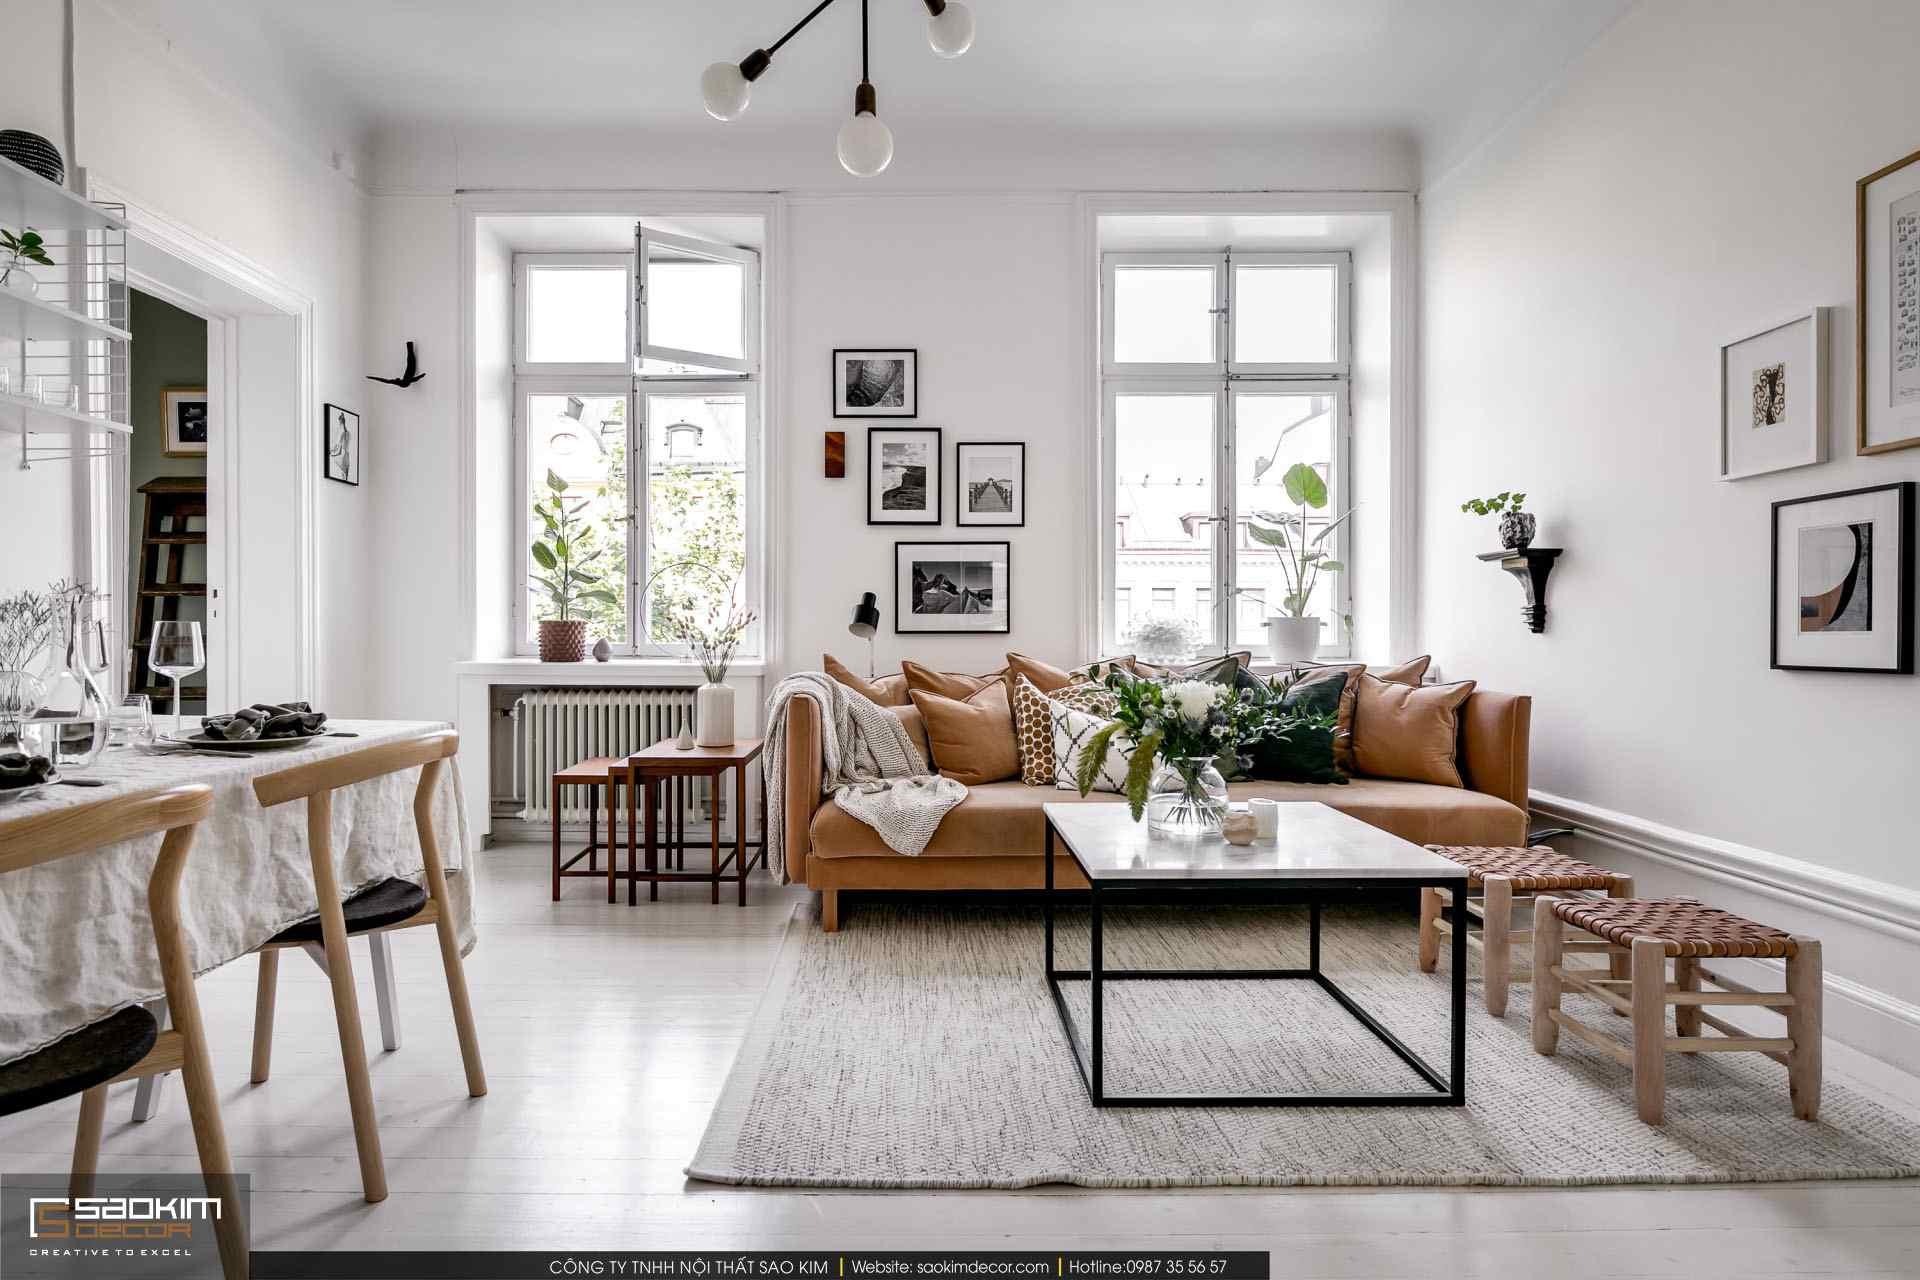 Thiết kế nội thất phong cách Scandinavian (Bắc Âu)